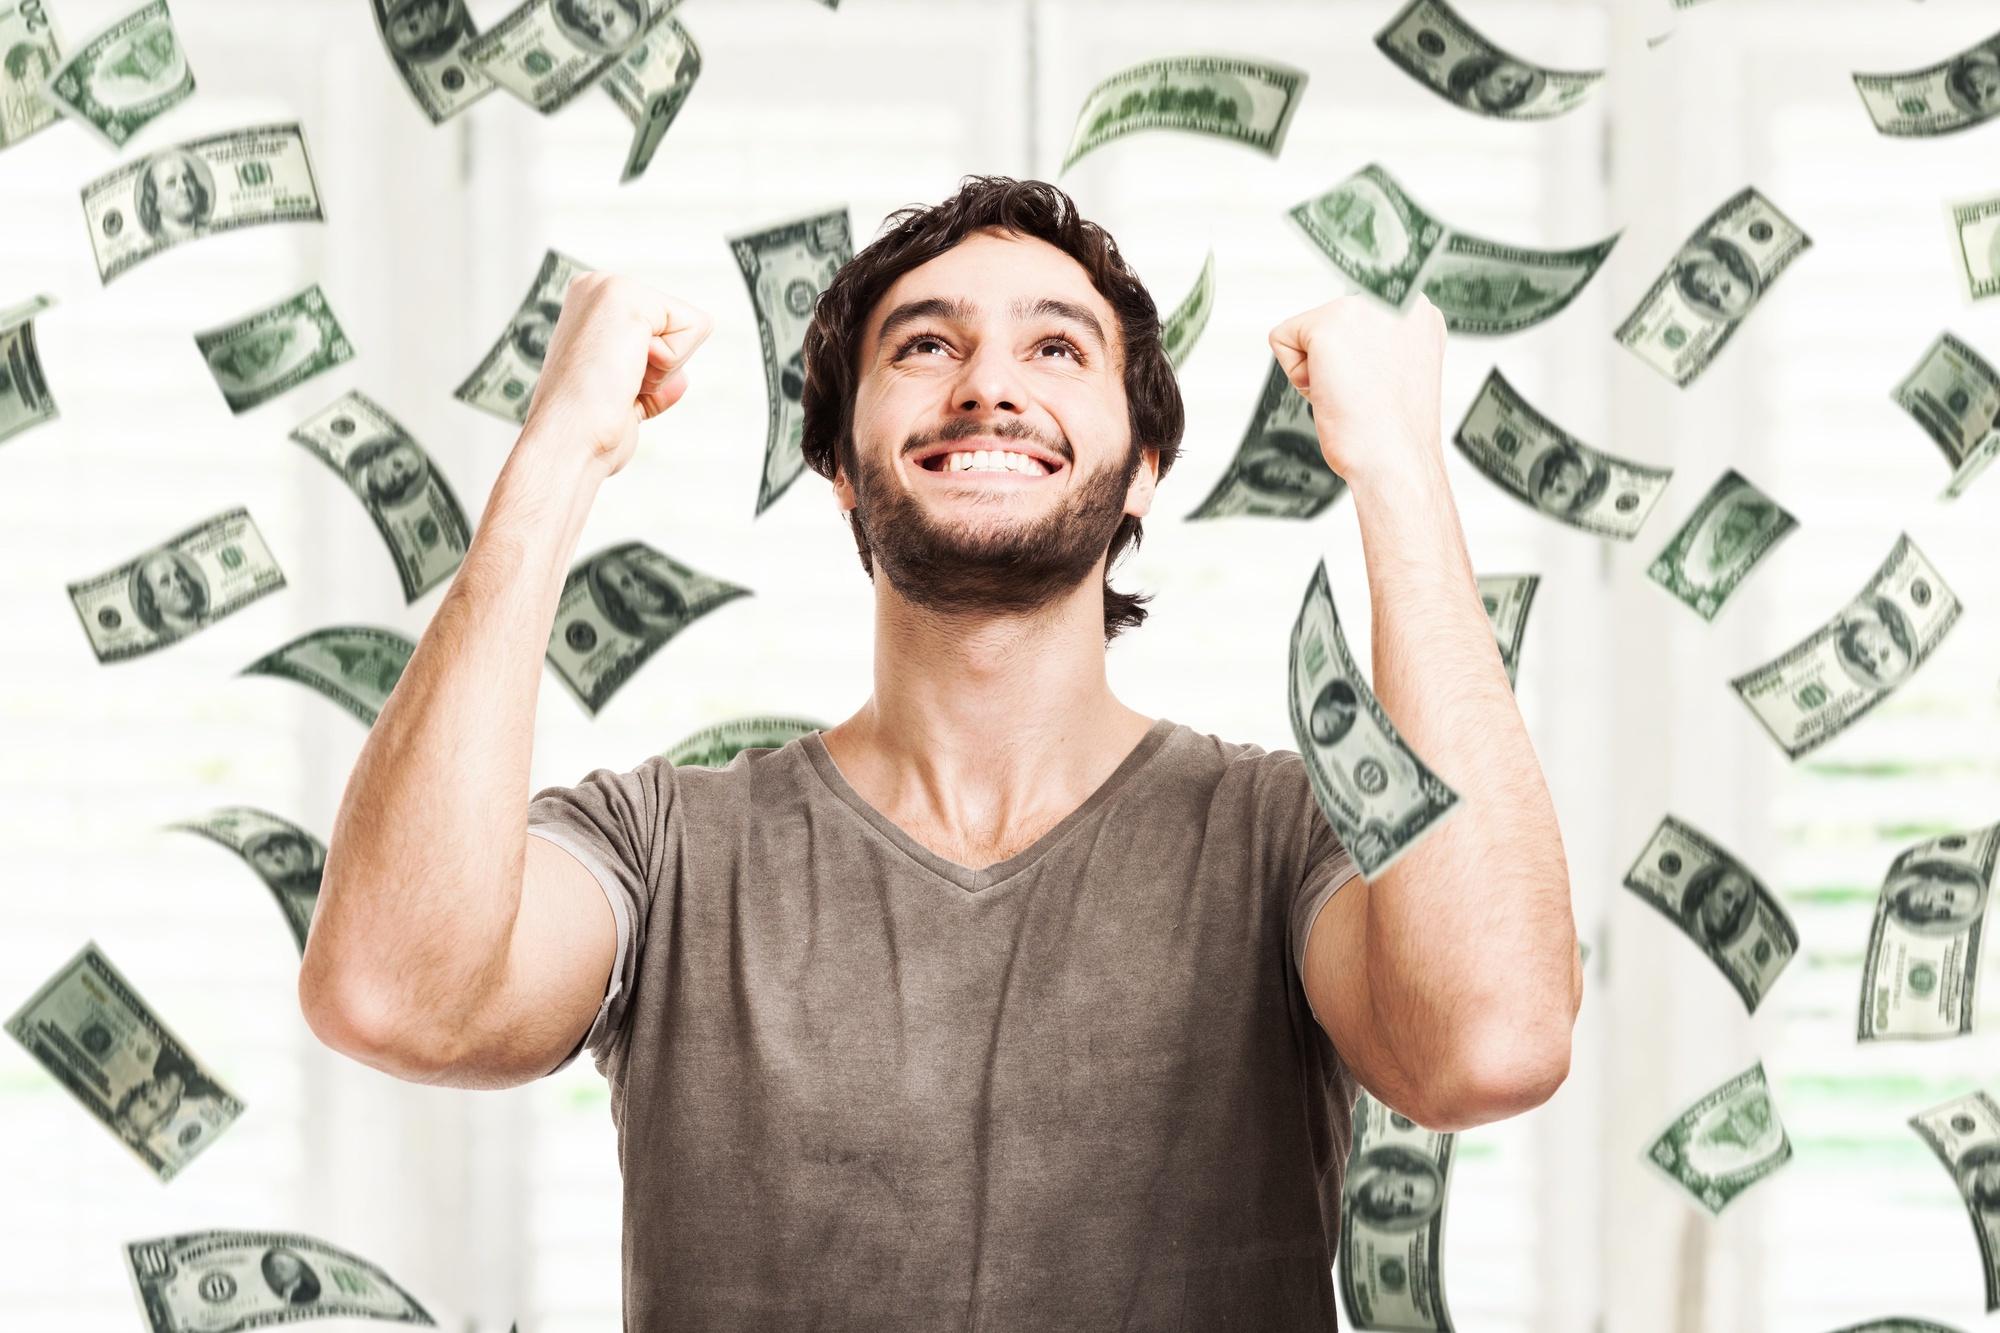 Альтернатива деньгам, чем можно заменить деньги?